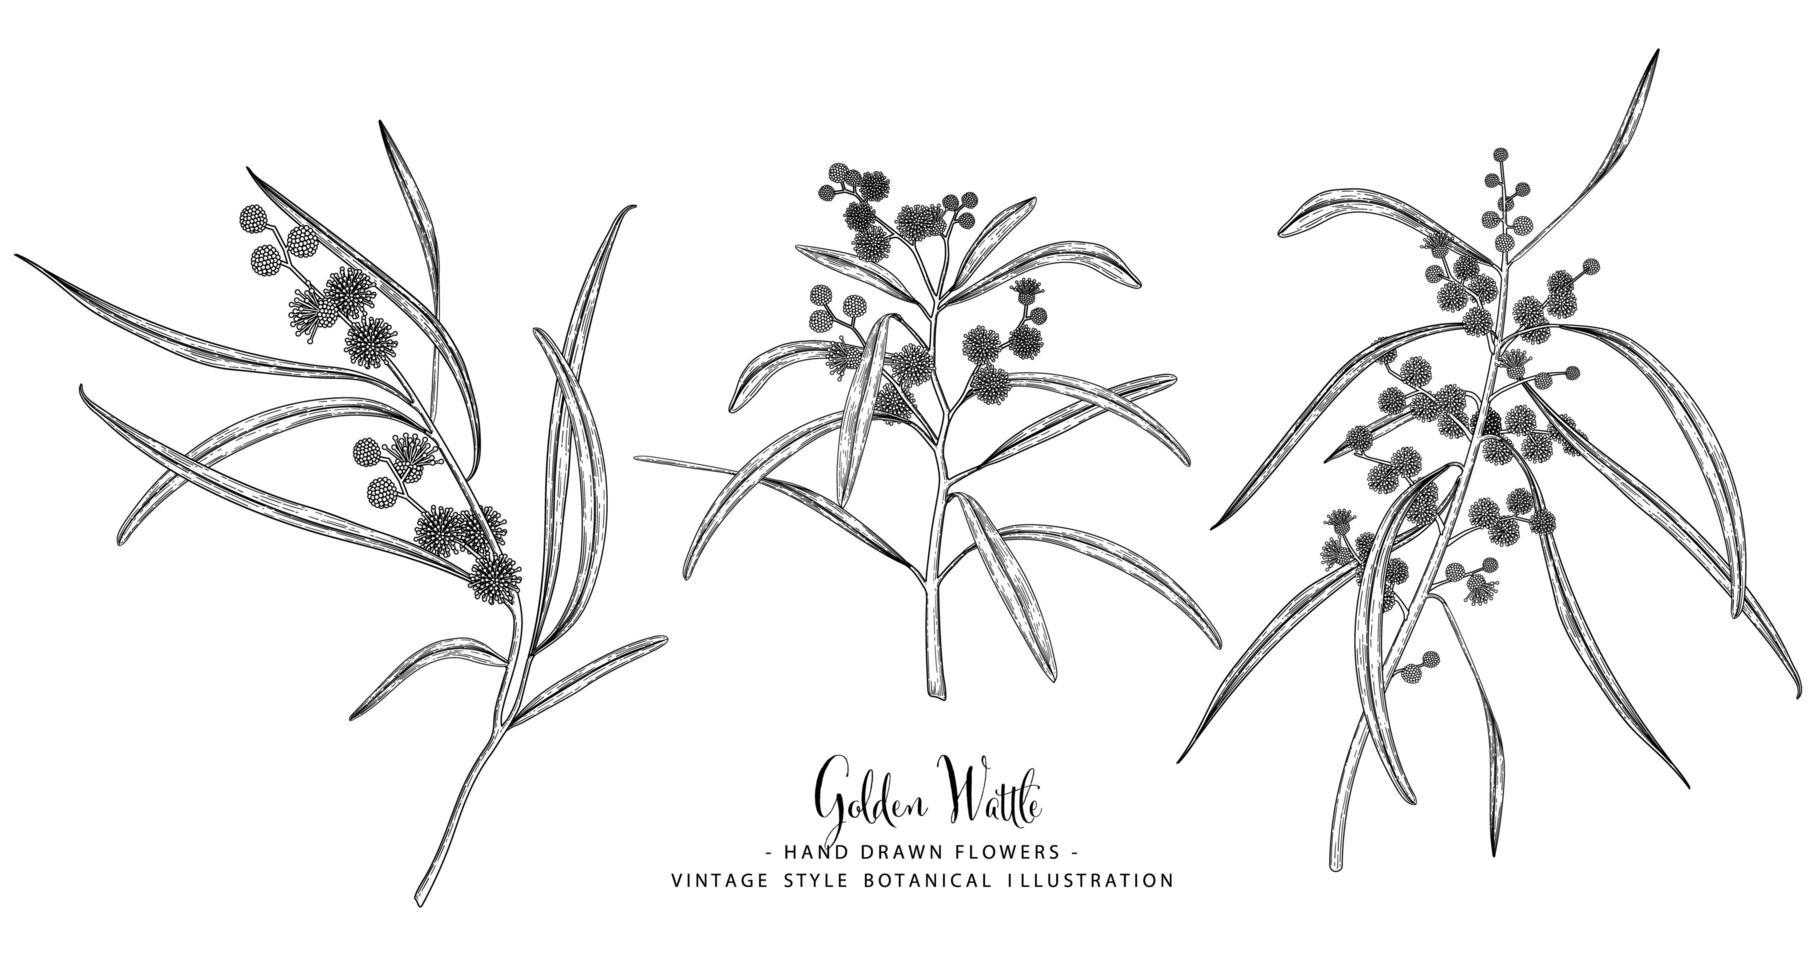 elementos desenhados à mão de acácia dourada ou acácia pycnantha vetor